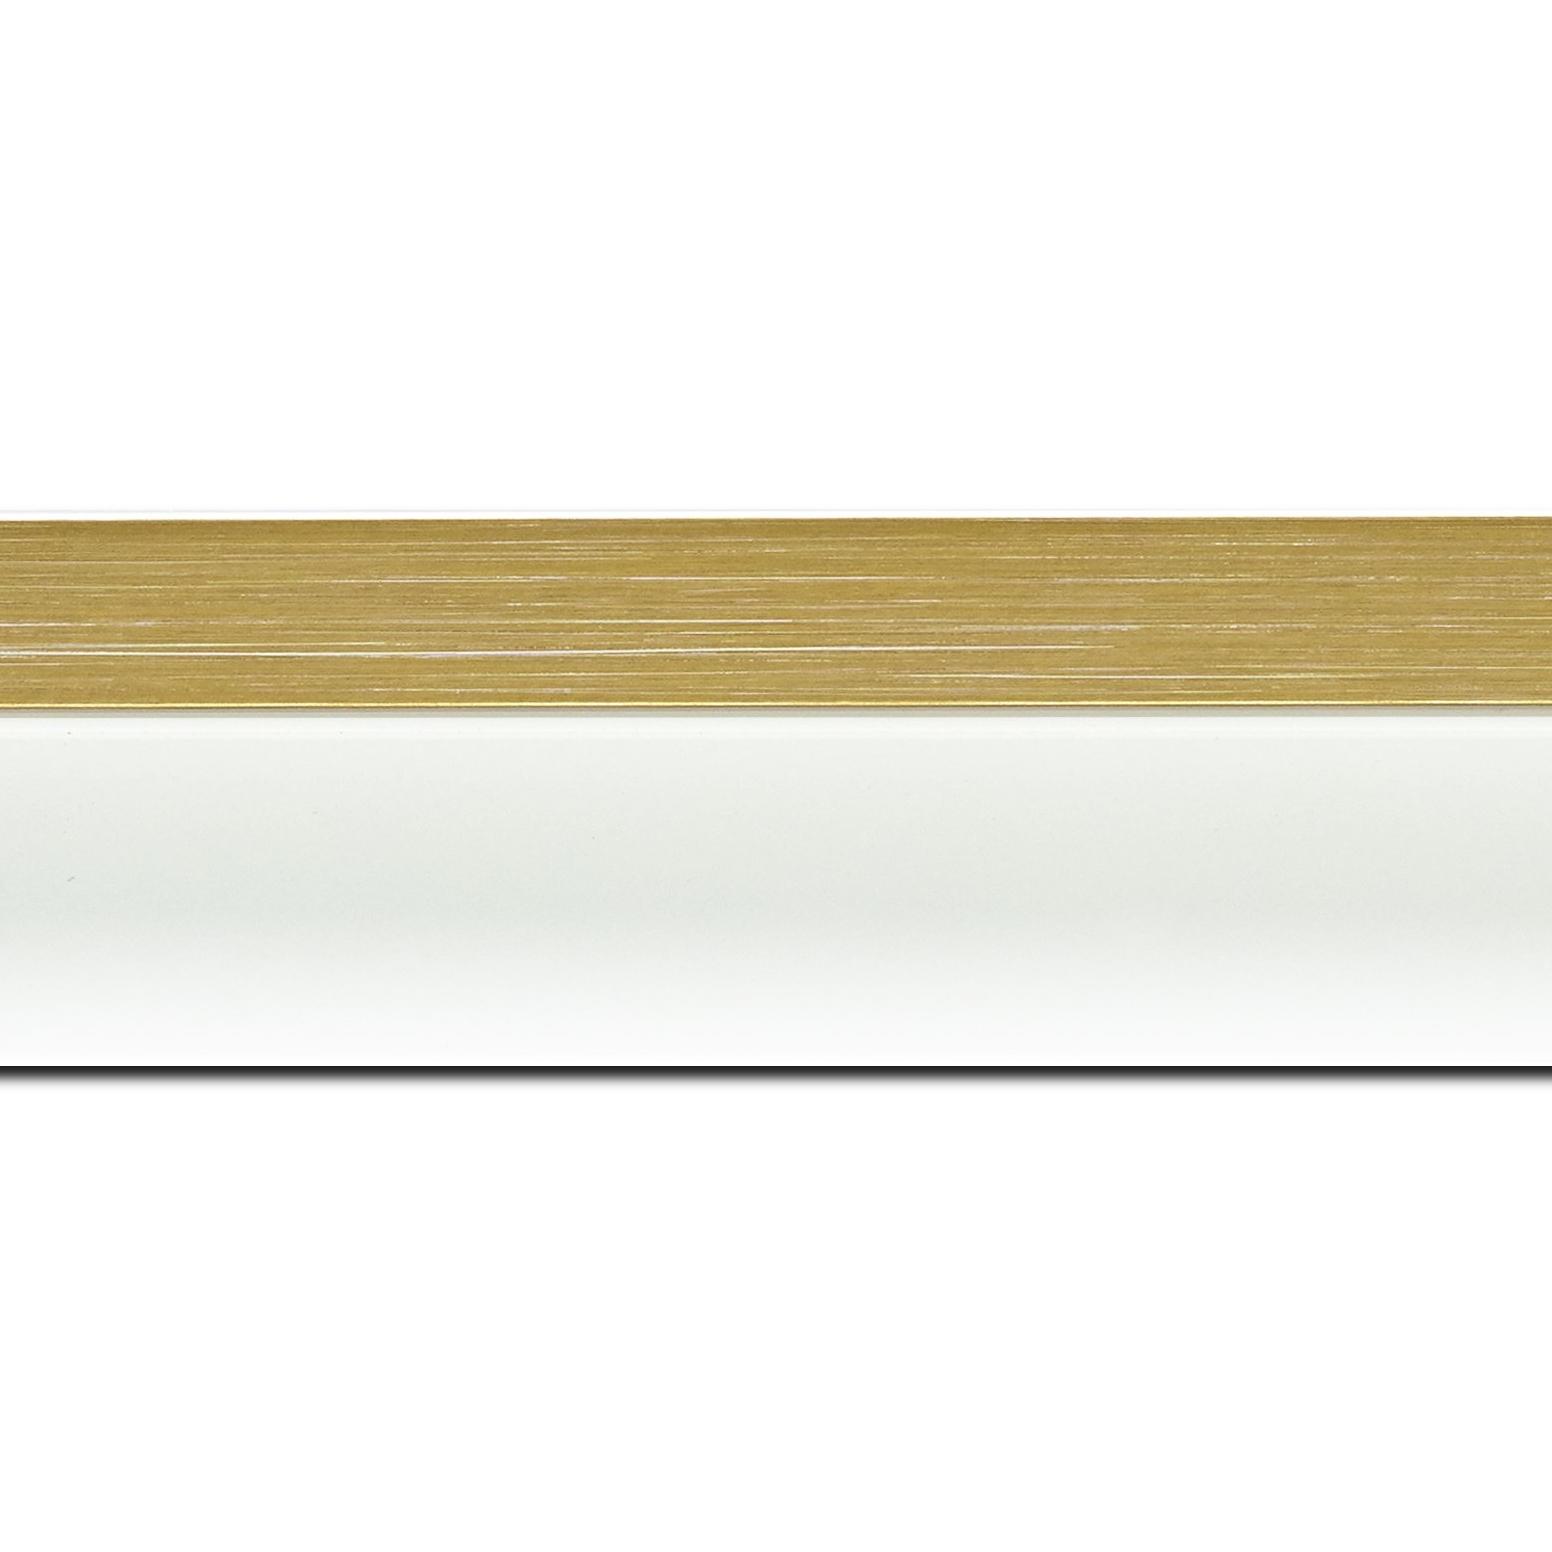 Baguette longueur 1.40m bois caisse américaine profil en l (flottante) largeur 4.5cm blanc mat finition pore bouché filet or largeur 2cm qualitÉ galerie (spécialement conçu pour les châssis d'une épaisseur jusqu'à 3cm ) information complémentaire : il faut renseigner la dimension précise de votre sujet  et l'espace intérieur entre la toile et le cadre sera de 2cm